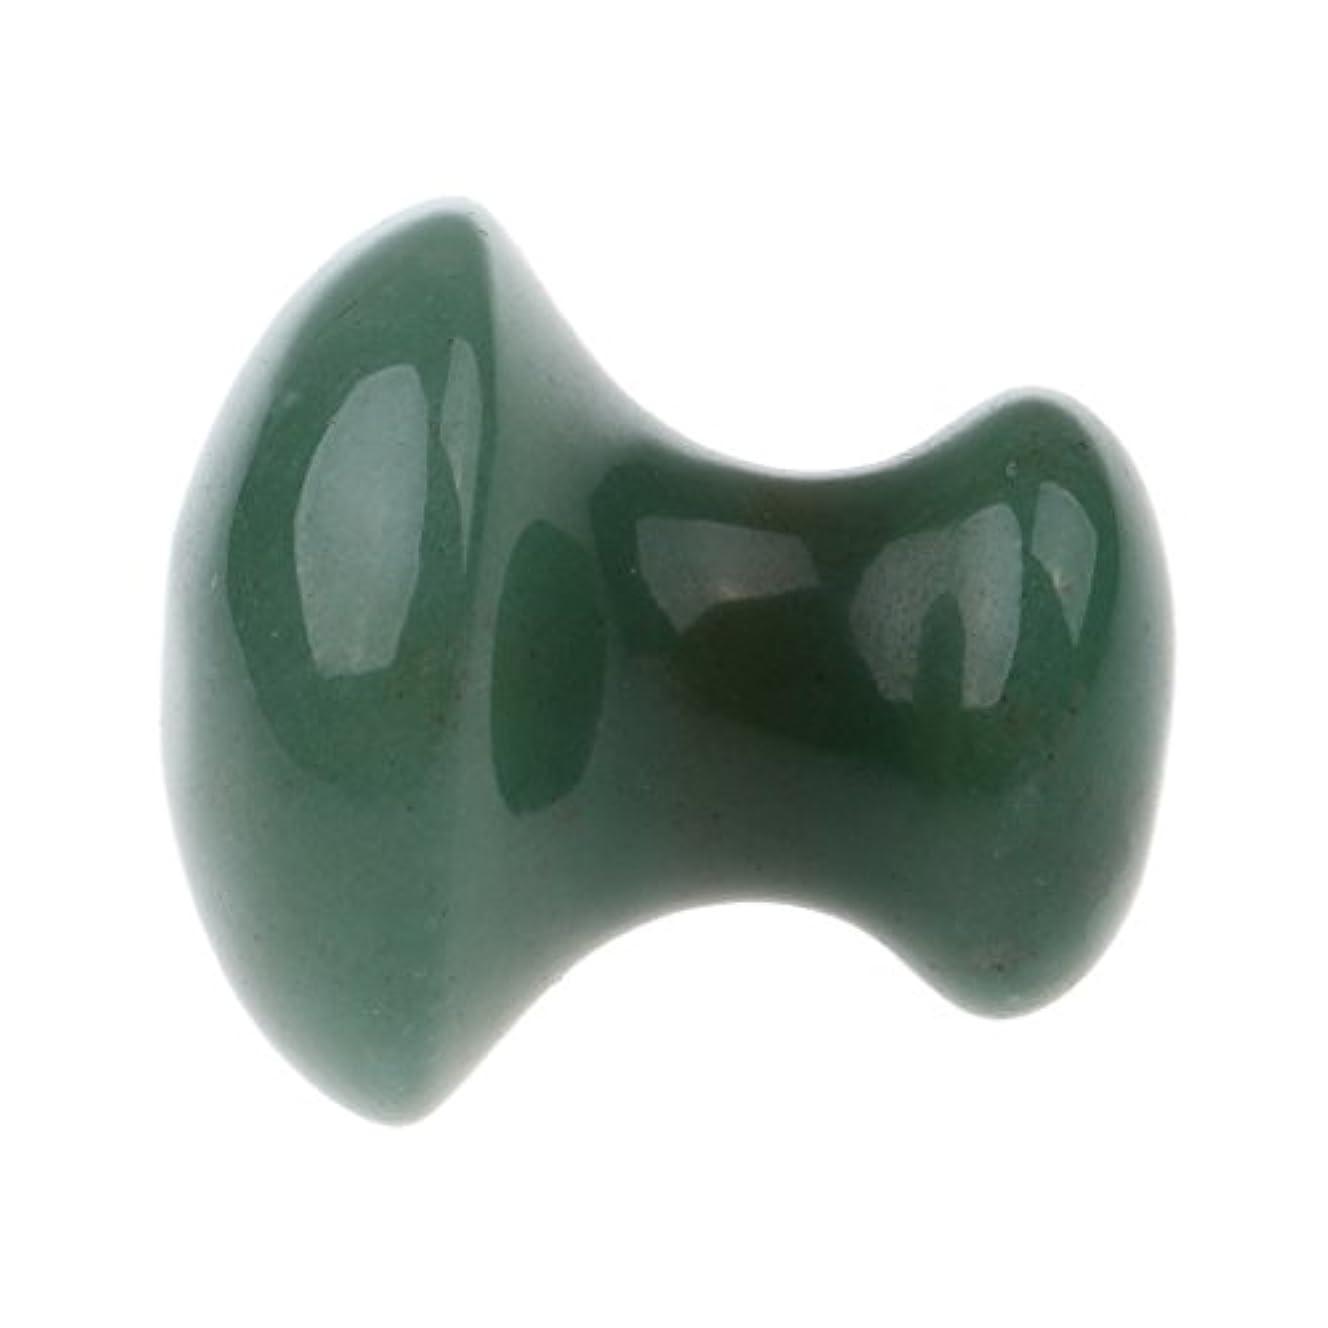 セメントチェリー花弁Perfk マッサージストーン 石 ストーン 美容 マッシュルーム スキンケア 2色選べる - 緑